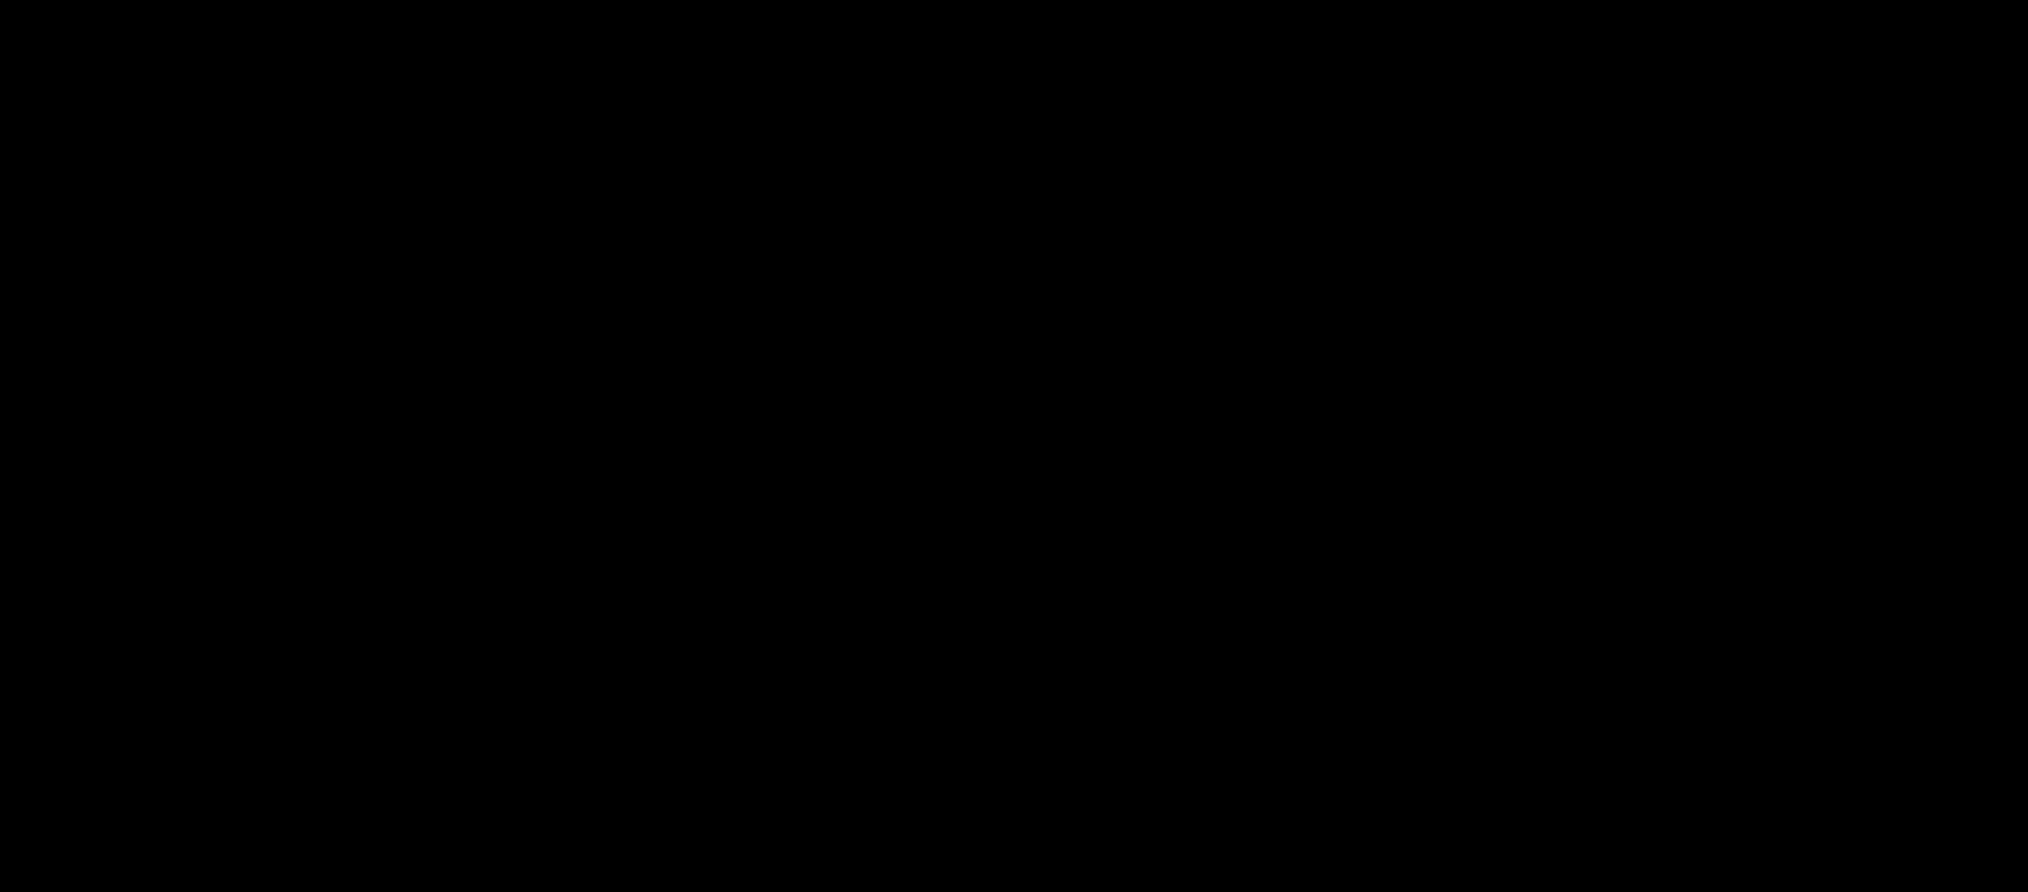 N-Biotinyl (D)-norepinephrine